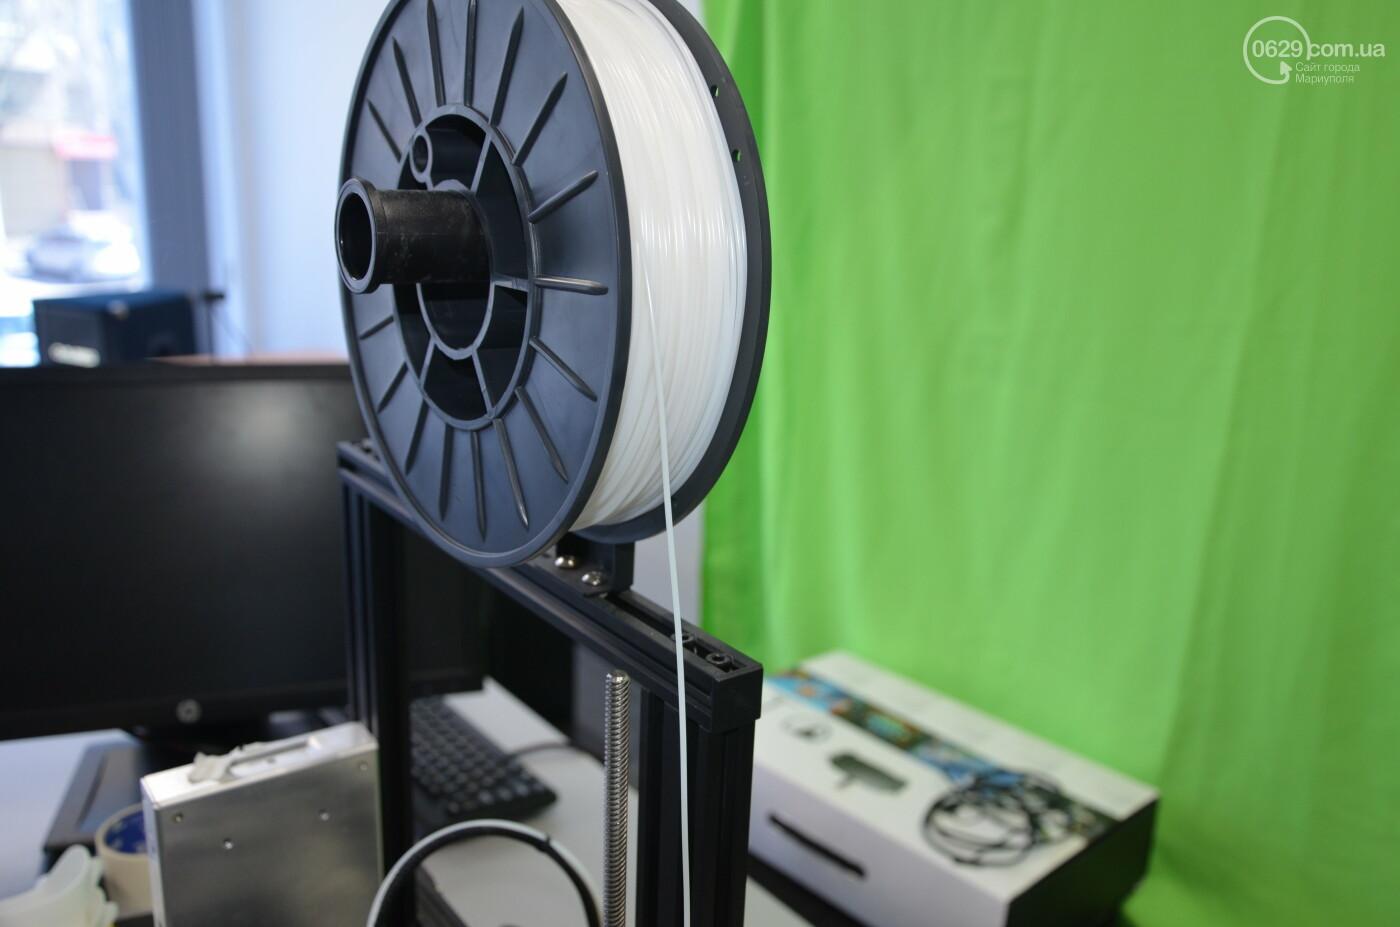 В Мариуполе наладили печать 3Д-масок по китайскому образцу, - ФОТО, ВИДЕО, фото-5